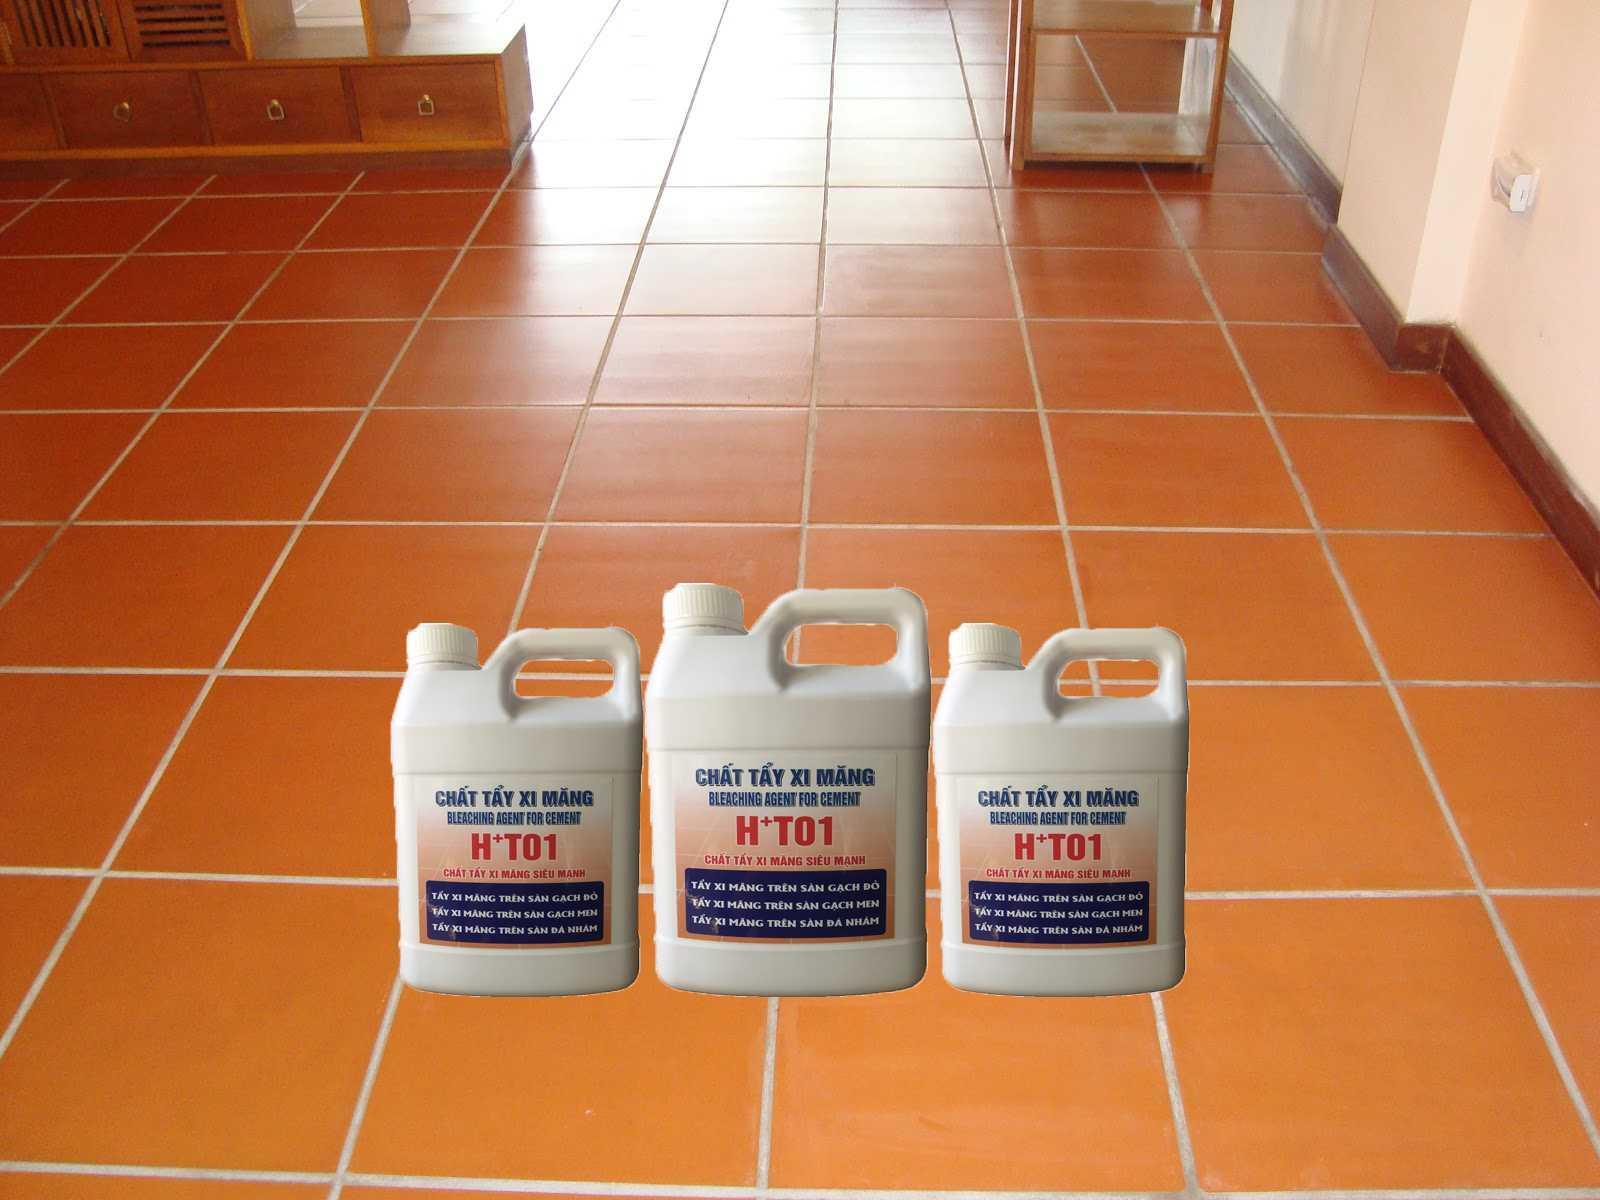 4 cách tẩy xi măng trắng trên nền gạch dễ dàng và thuận tiện   Cleanipedia